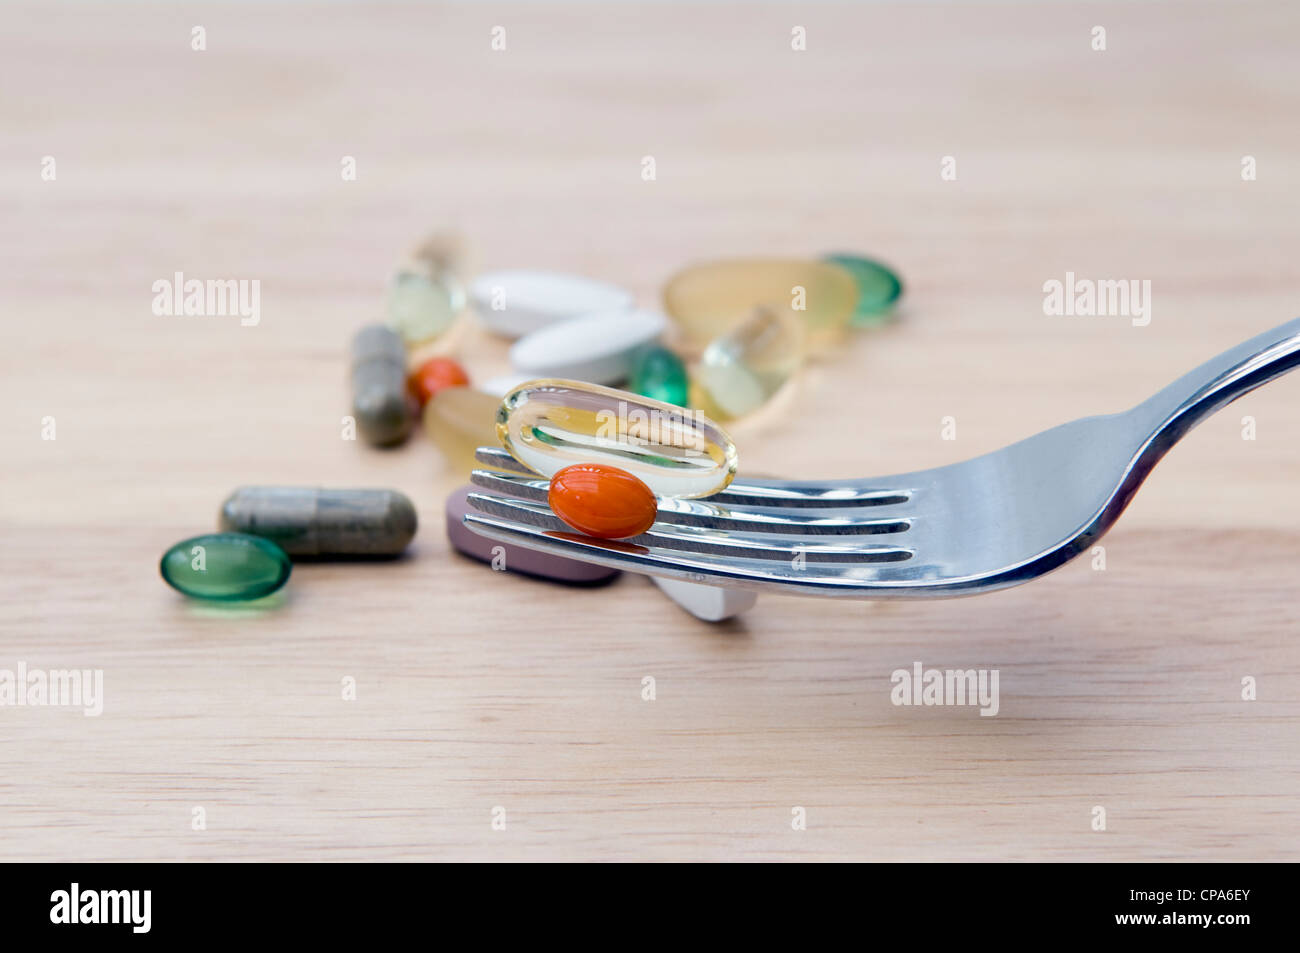 Auswahl an Vitaminen (Omega-3, Co-Enzym Q10, Pfefferminze, Chondroitin, Ginkgo und Ginseng) auf Gabel und Schneidbrett Stockbild